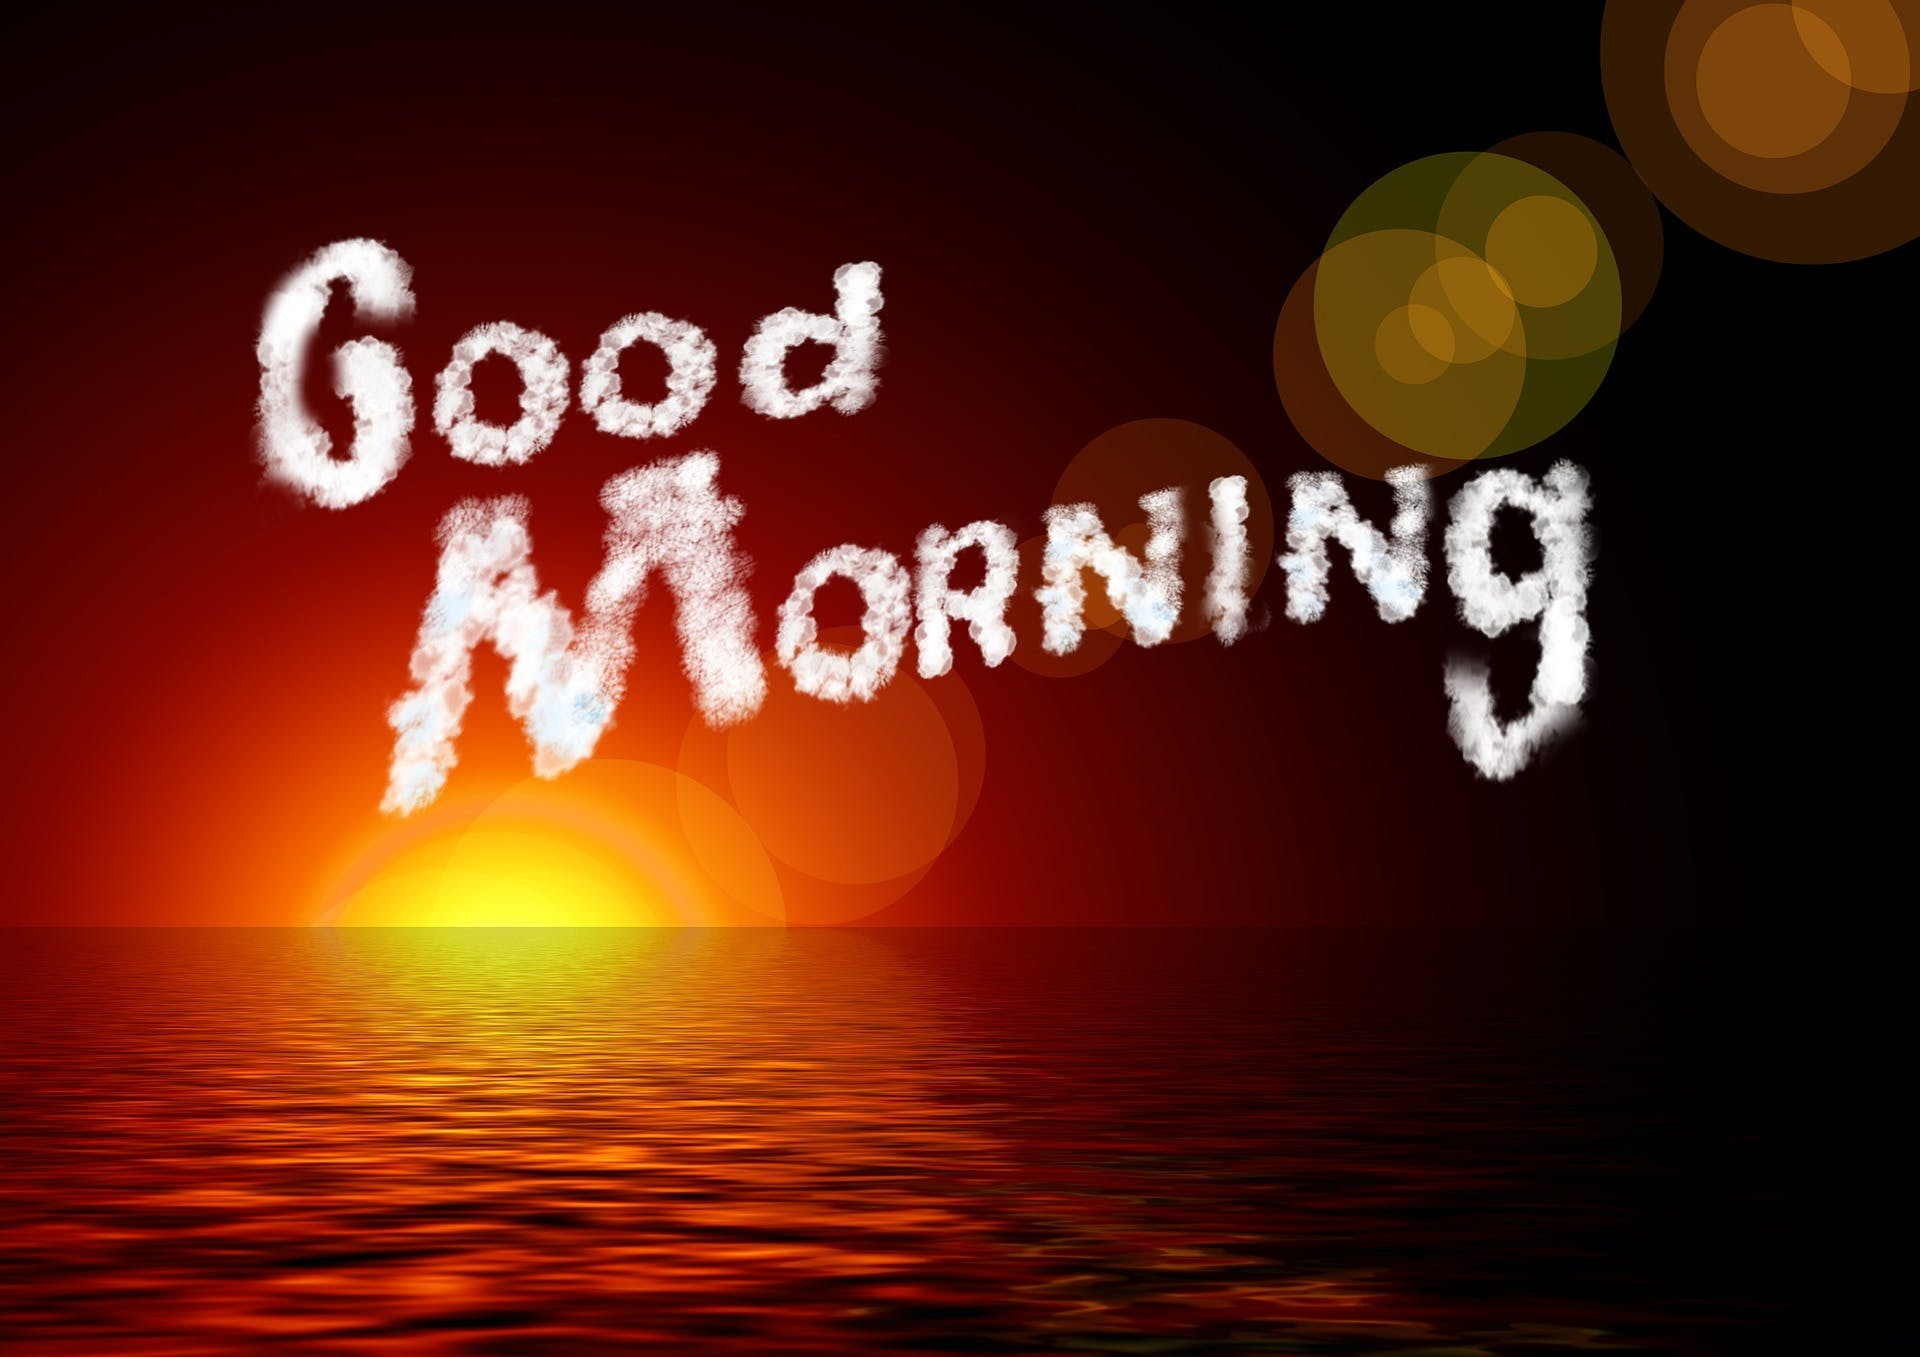 Afbeeldingen Goedemorgen Dinsdag